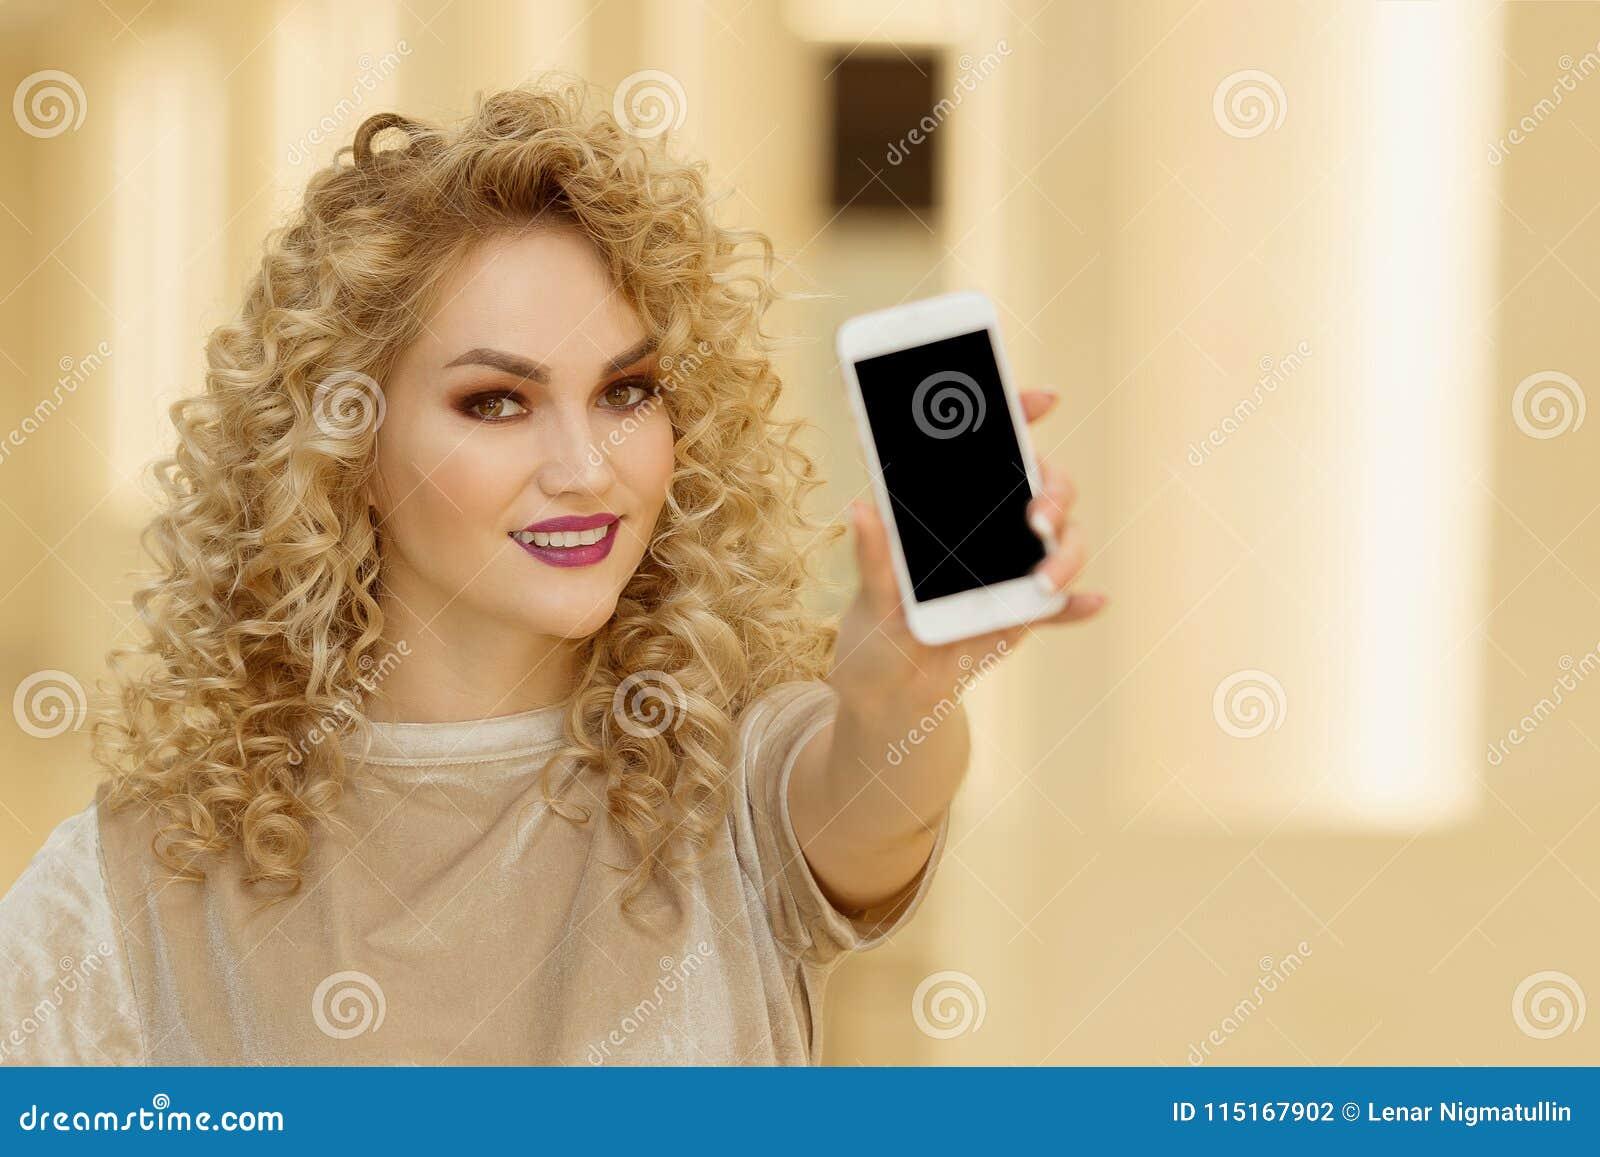 Χαμογελώντας νέα γυναίκα που κρατά το κινητό τηλέφωνο στη λεωφόρο